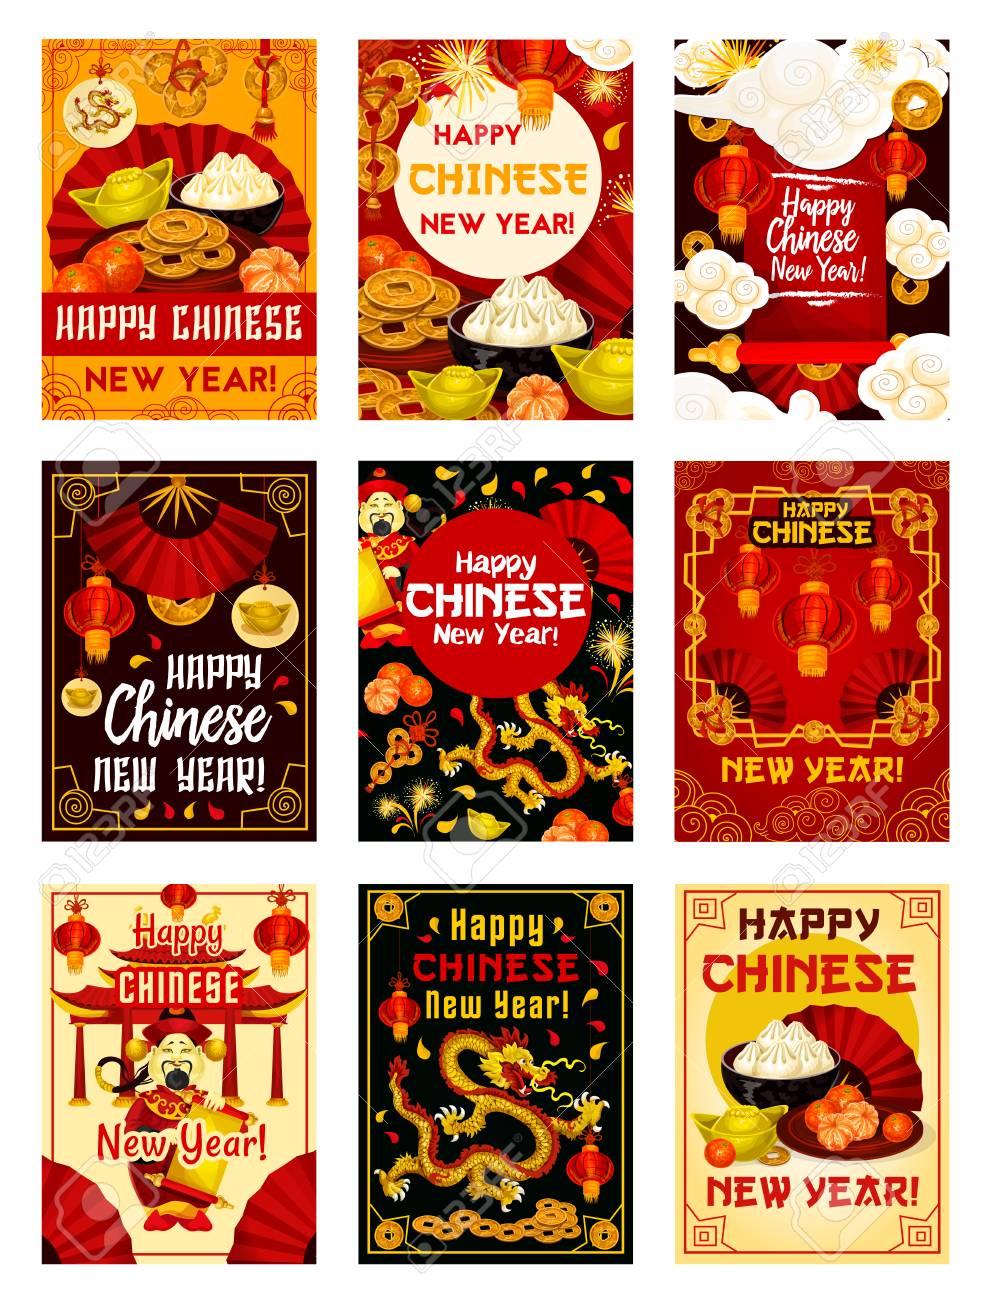 Chinesische Neujahr Vektor Traditionelle Grußkarten Lizenzfrei ...